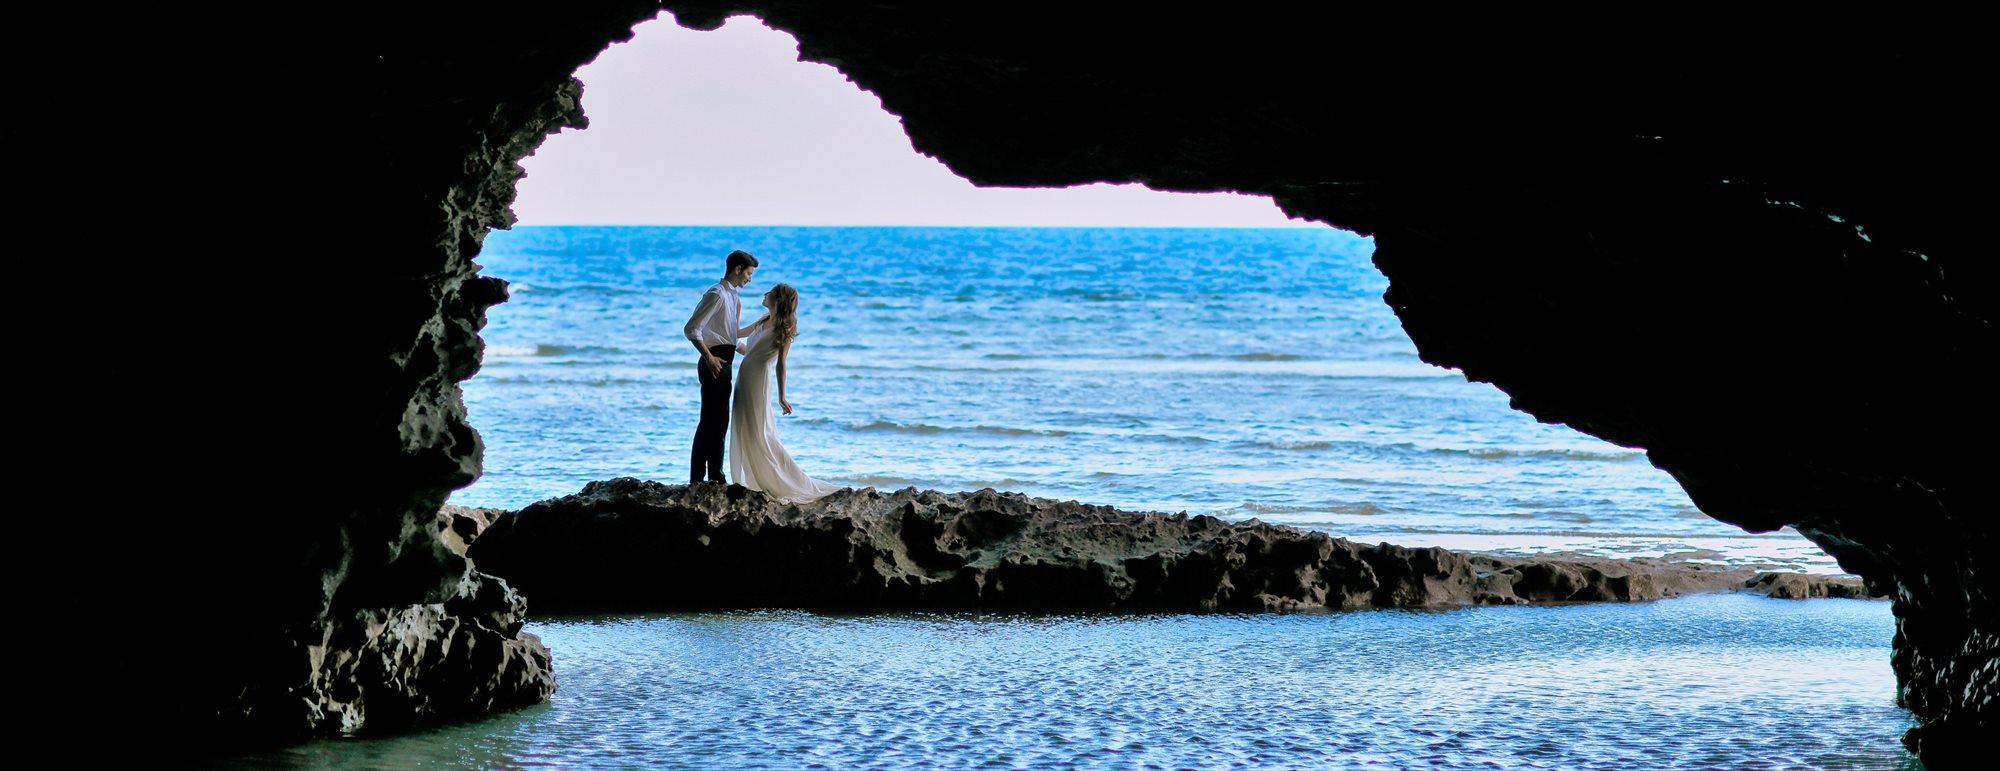 沖縄石垣島フォト・ウェディング Ishigaki Island Okinawa Blue Grotto Photo Wedding 青の洞窟 挙式前撮影